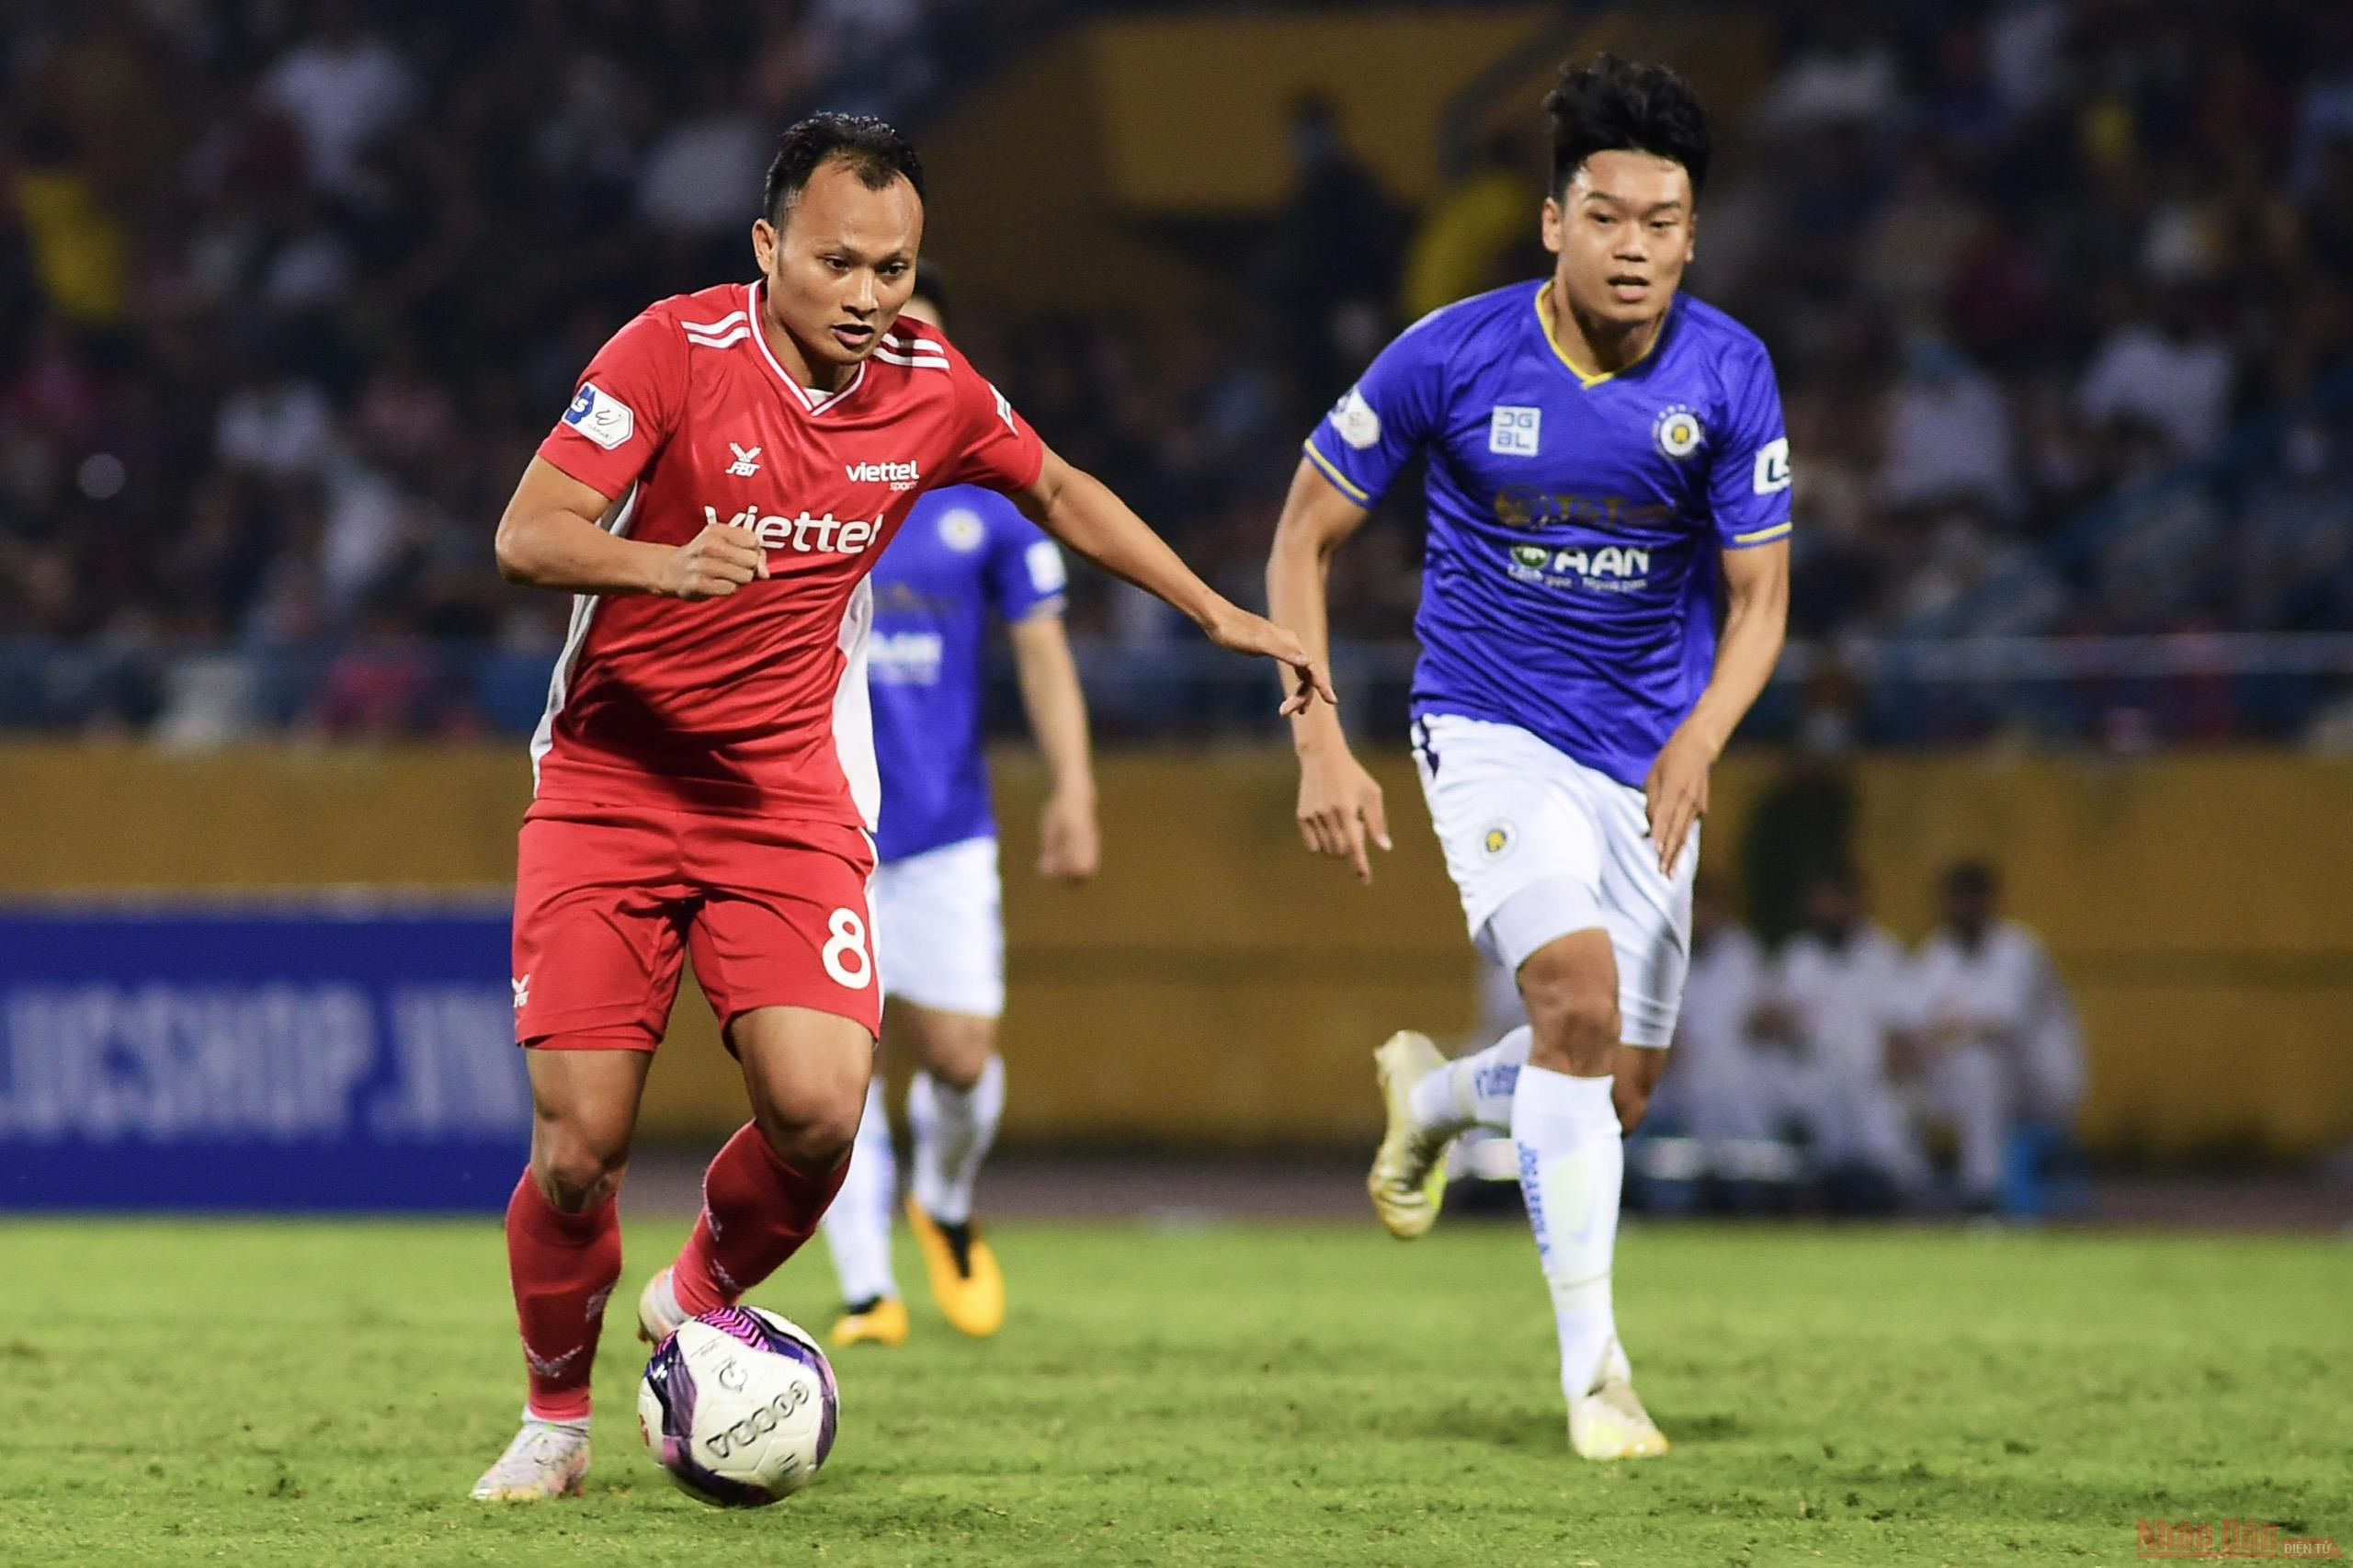 Than Quảng Ninh chiếm ngôi đầu bảng, Trọng Hoàng tỏa sáng trong trận derby thủ đô